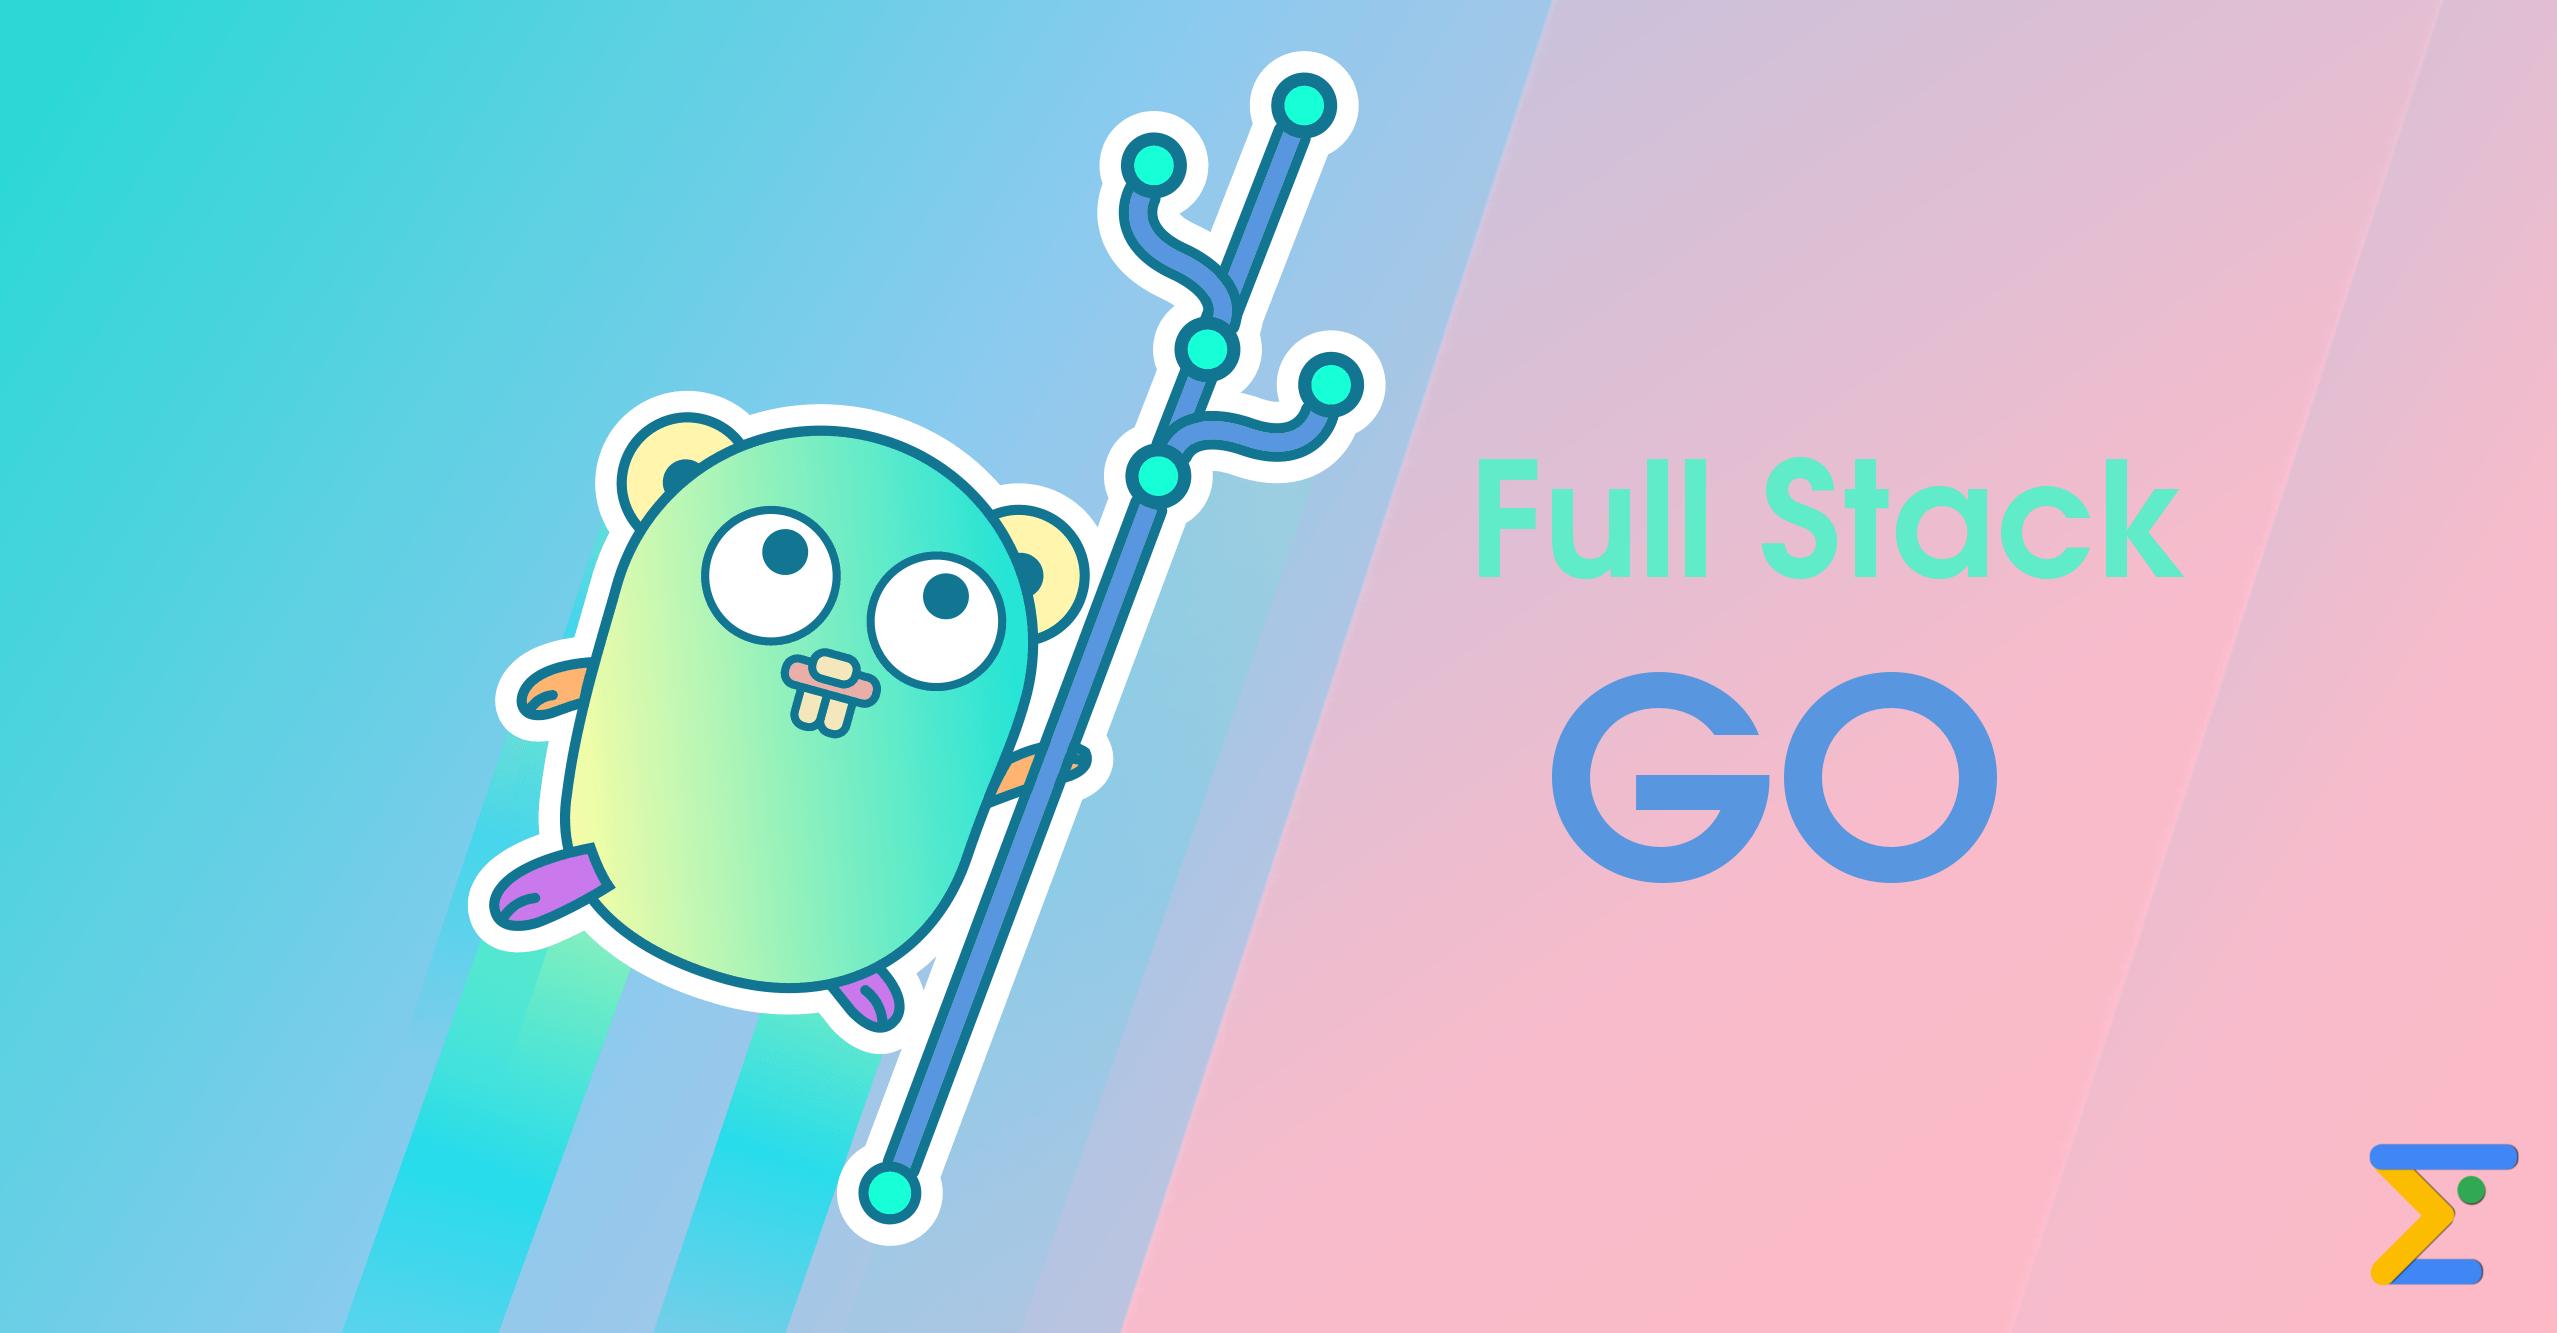 Full Stack GoLang Tutorial with PostgreSQL Full stack